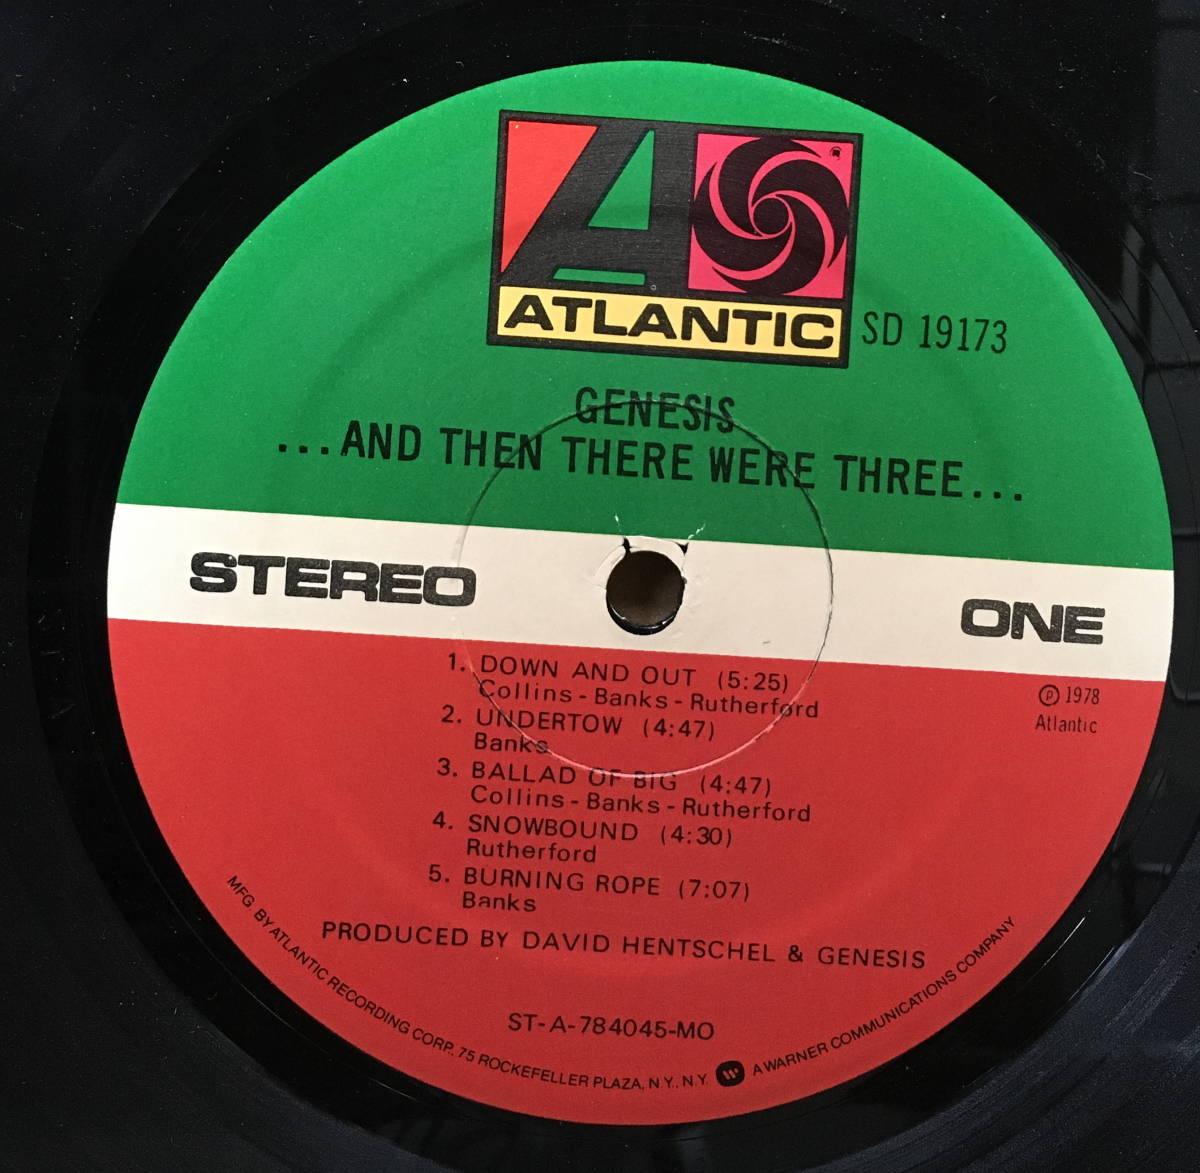 ジェネシス Genesis アルバム3枚「そして3人が残った And Then There Were Three」「デューク Duke」「アバカブ Abacab フィル・コリンズ_画像4